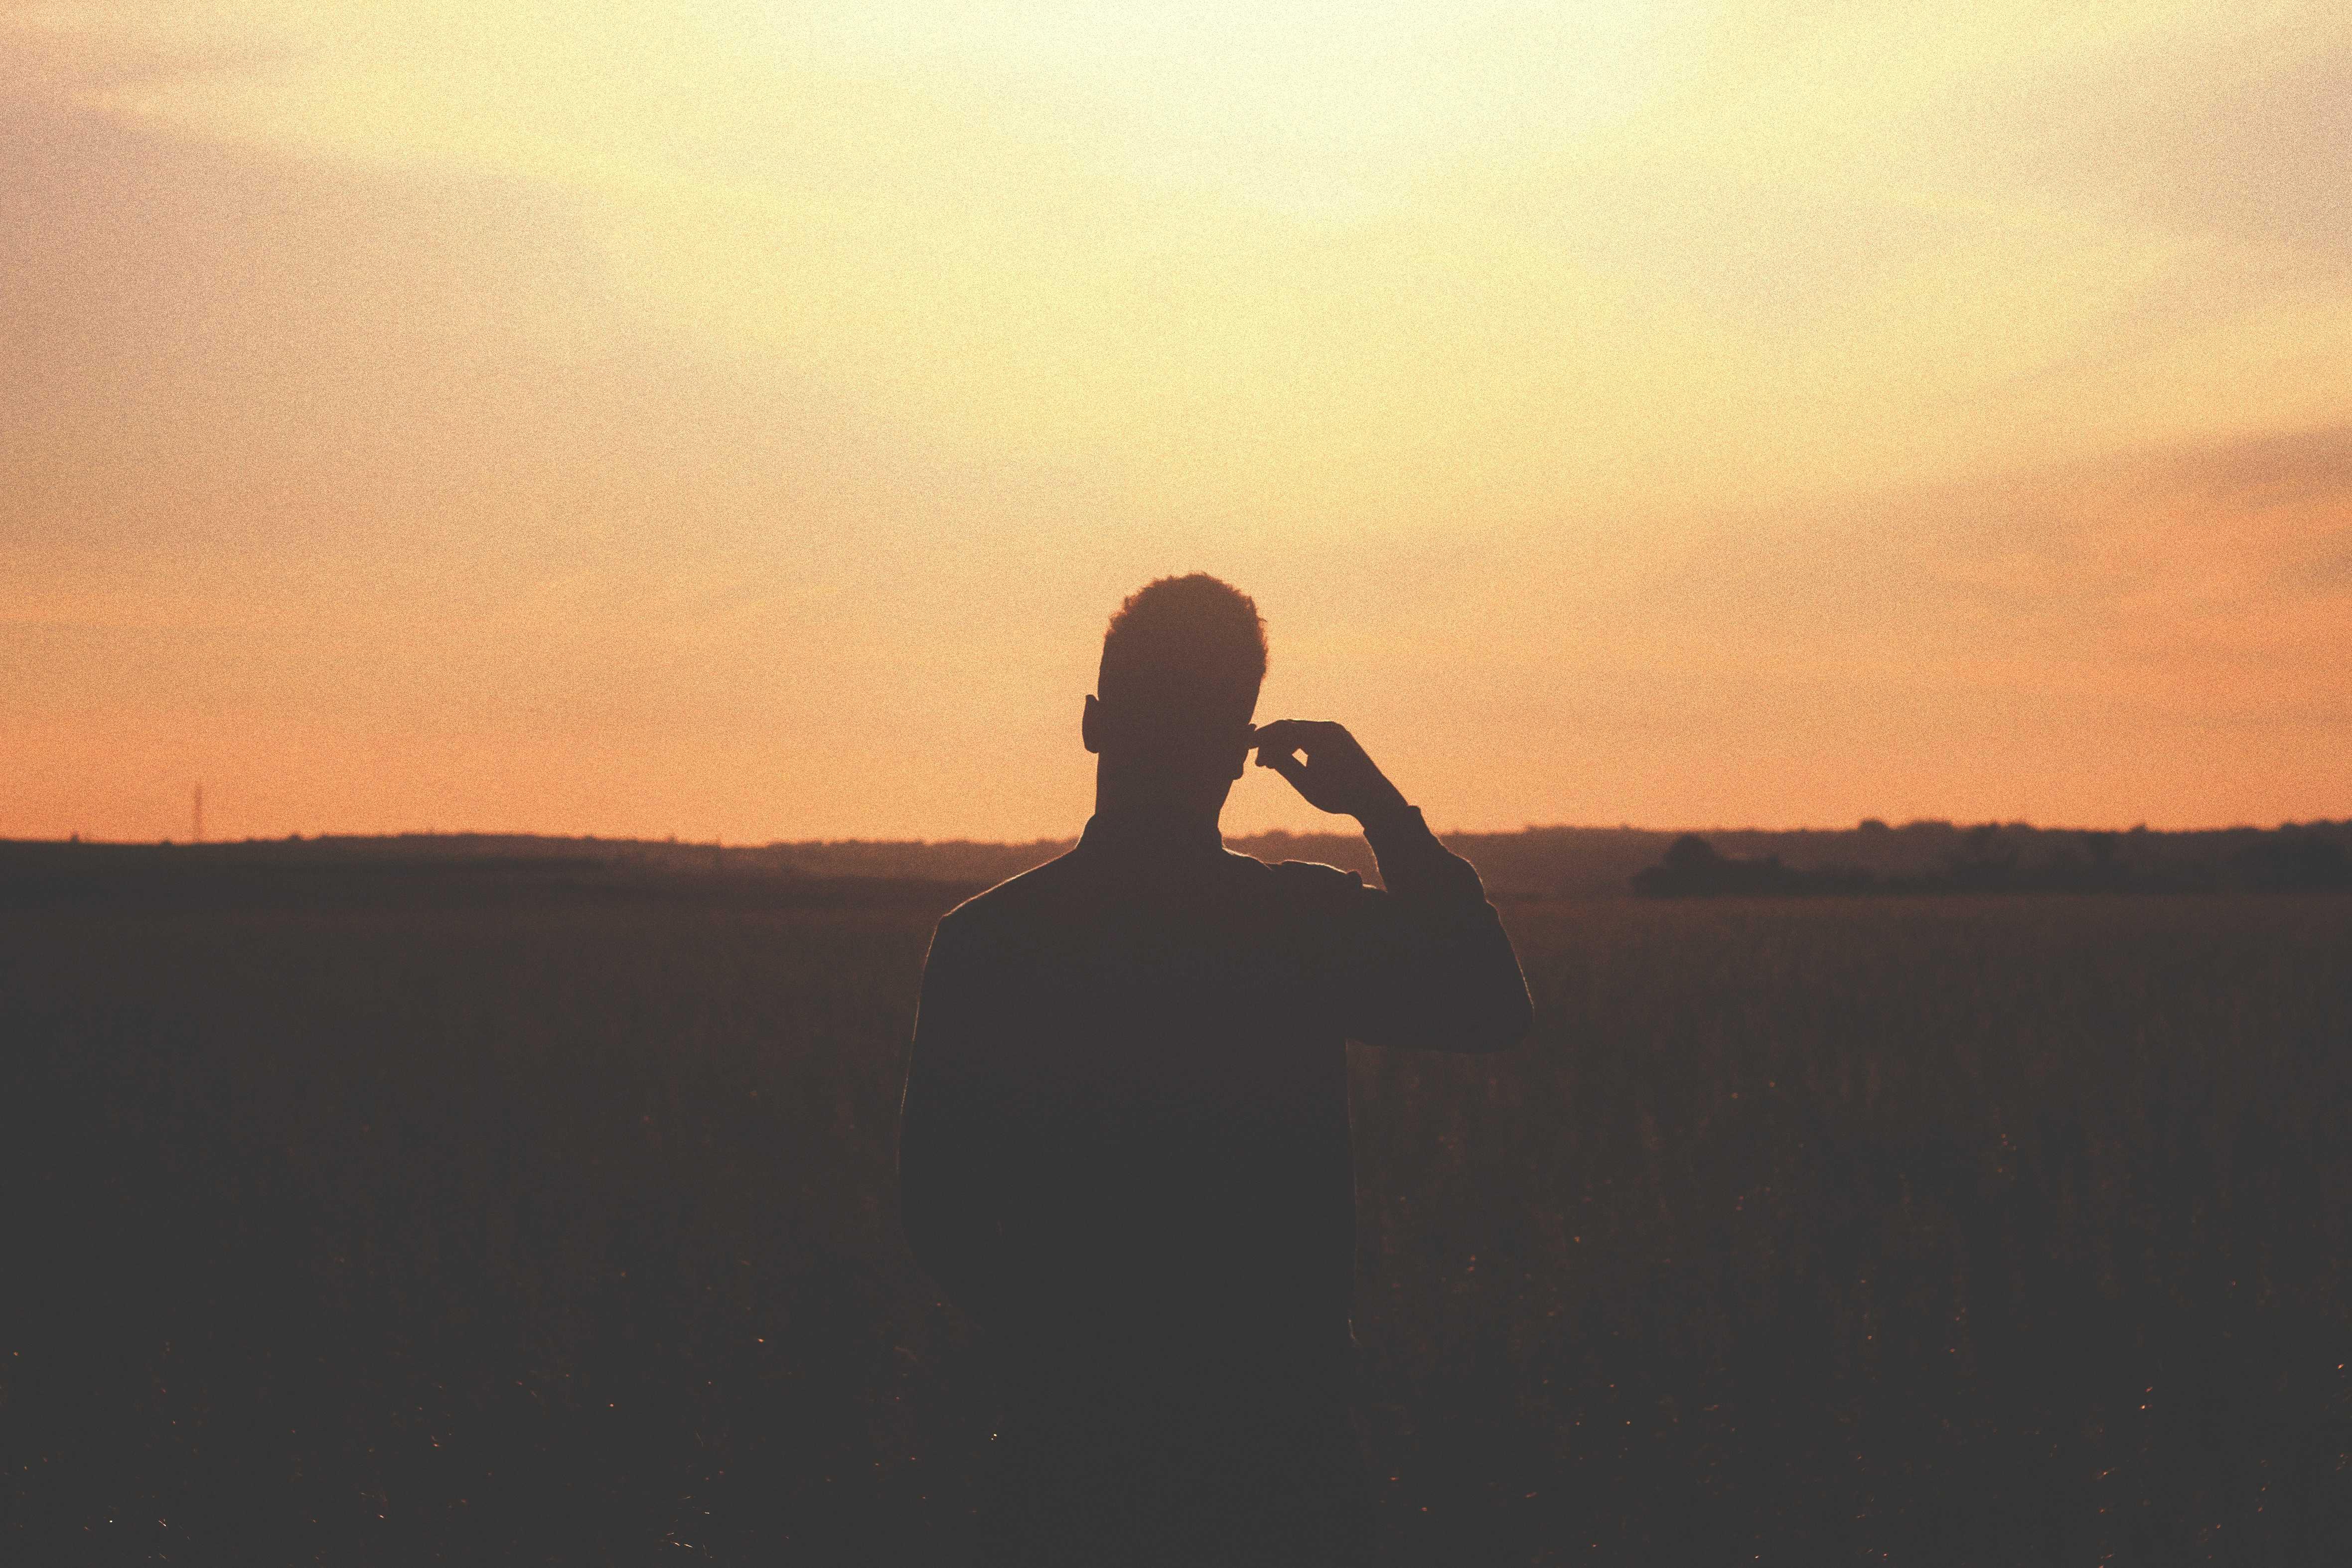 ЗАКЛИНАНИЯ И РИТУАЛЫ ЧЕРНОЙ МАГИИ НА ДЕНЬГИ И УДАЧУ